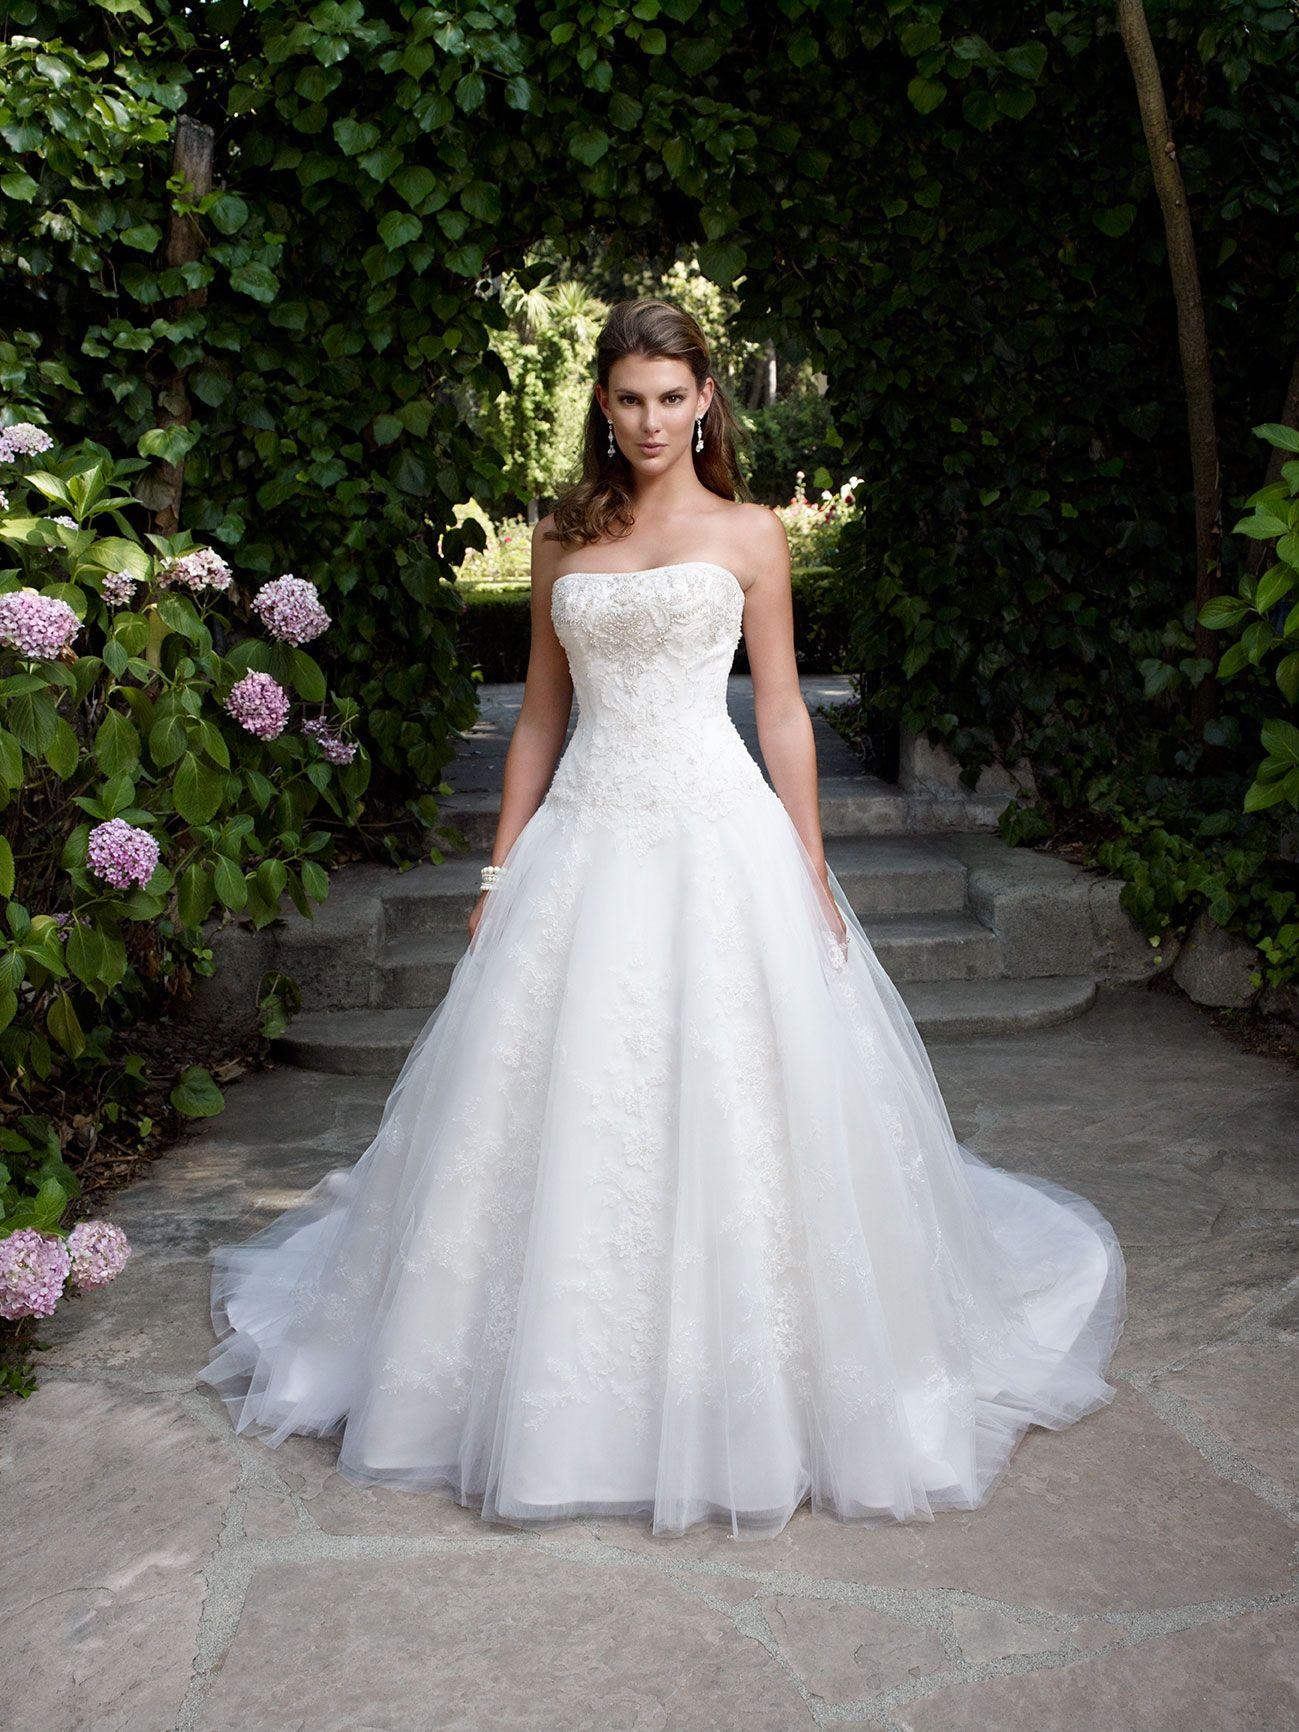 Casablanca Bridal Style 2033 Casablanca bridal gowns